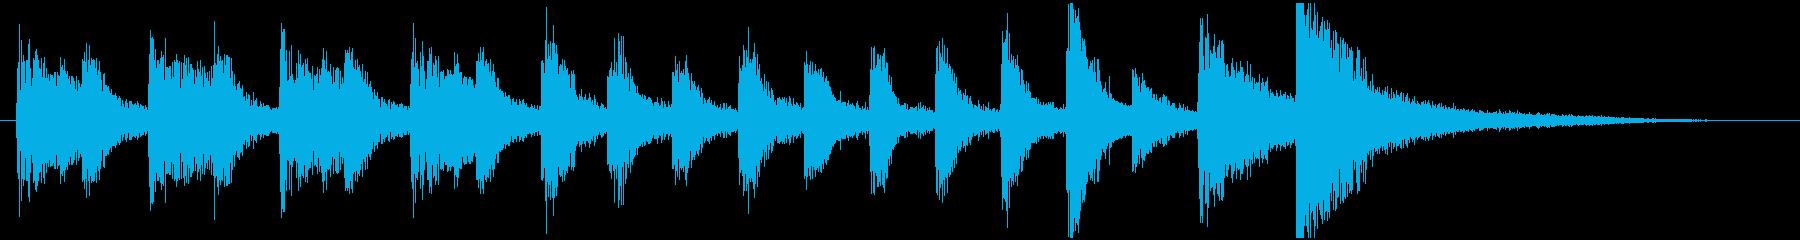 ポップなピアノトリオのサウンドロゴの再生済みの波形